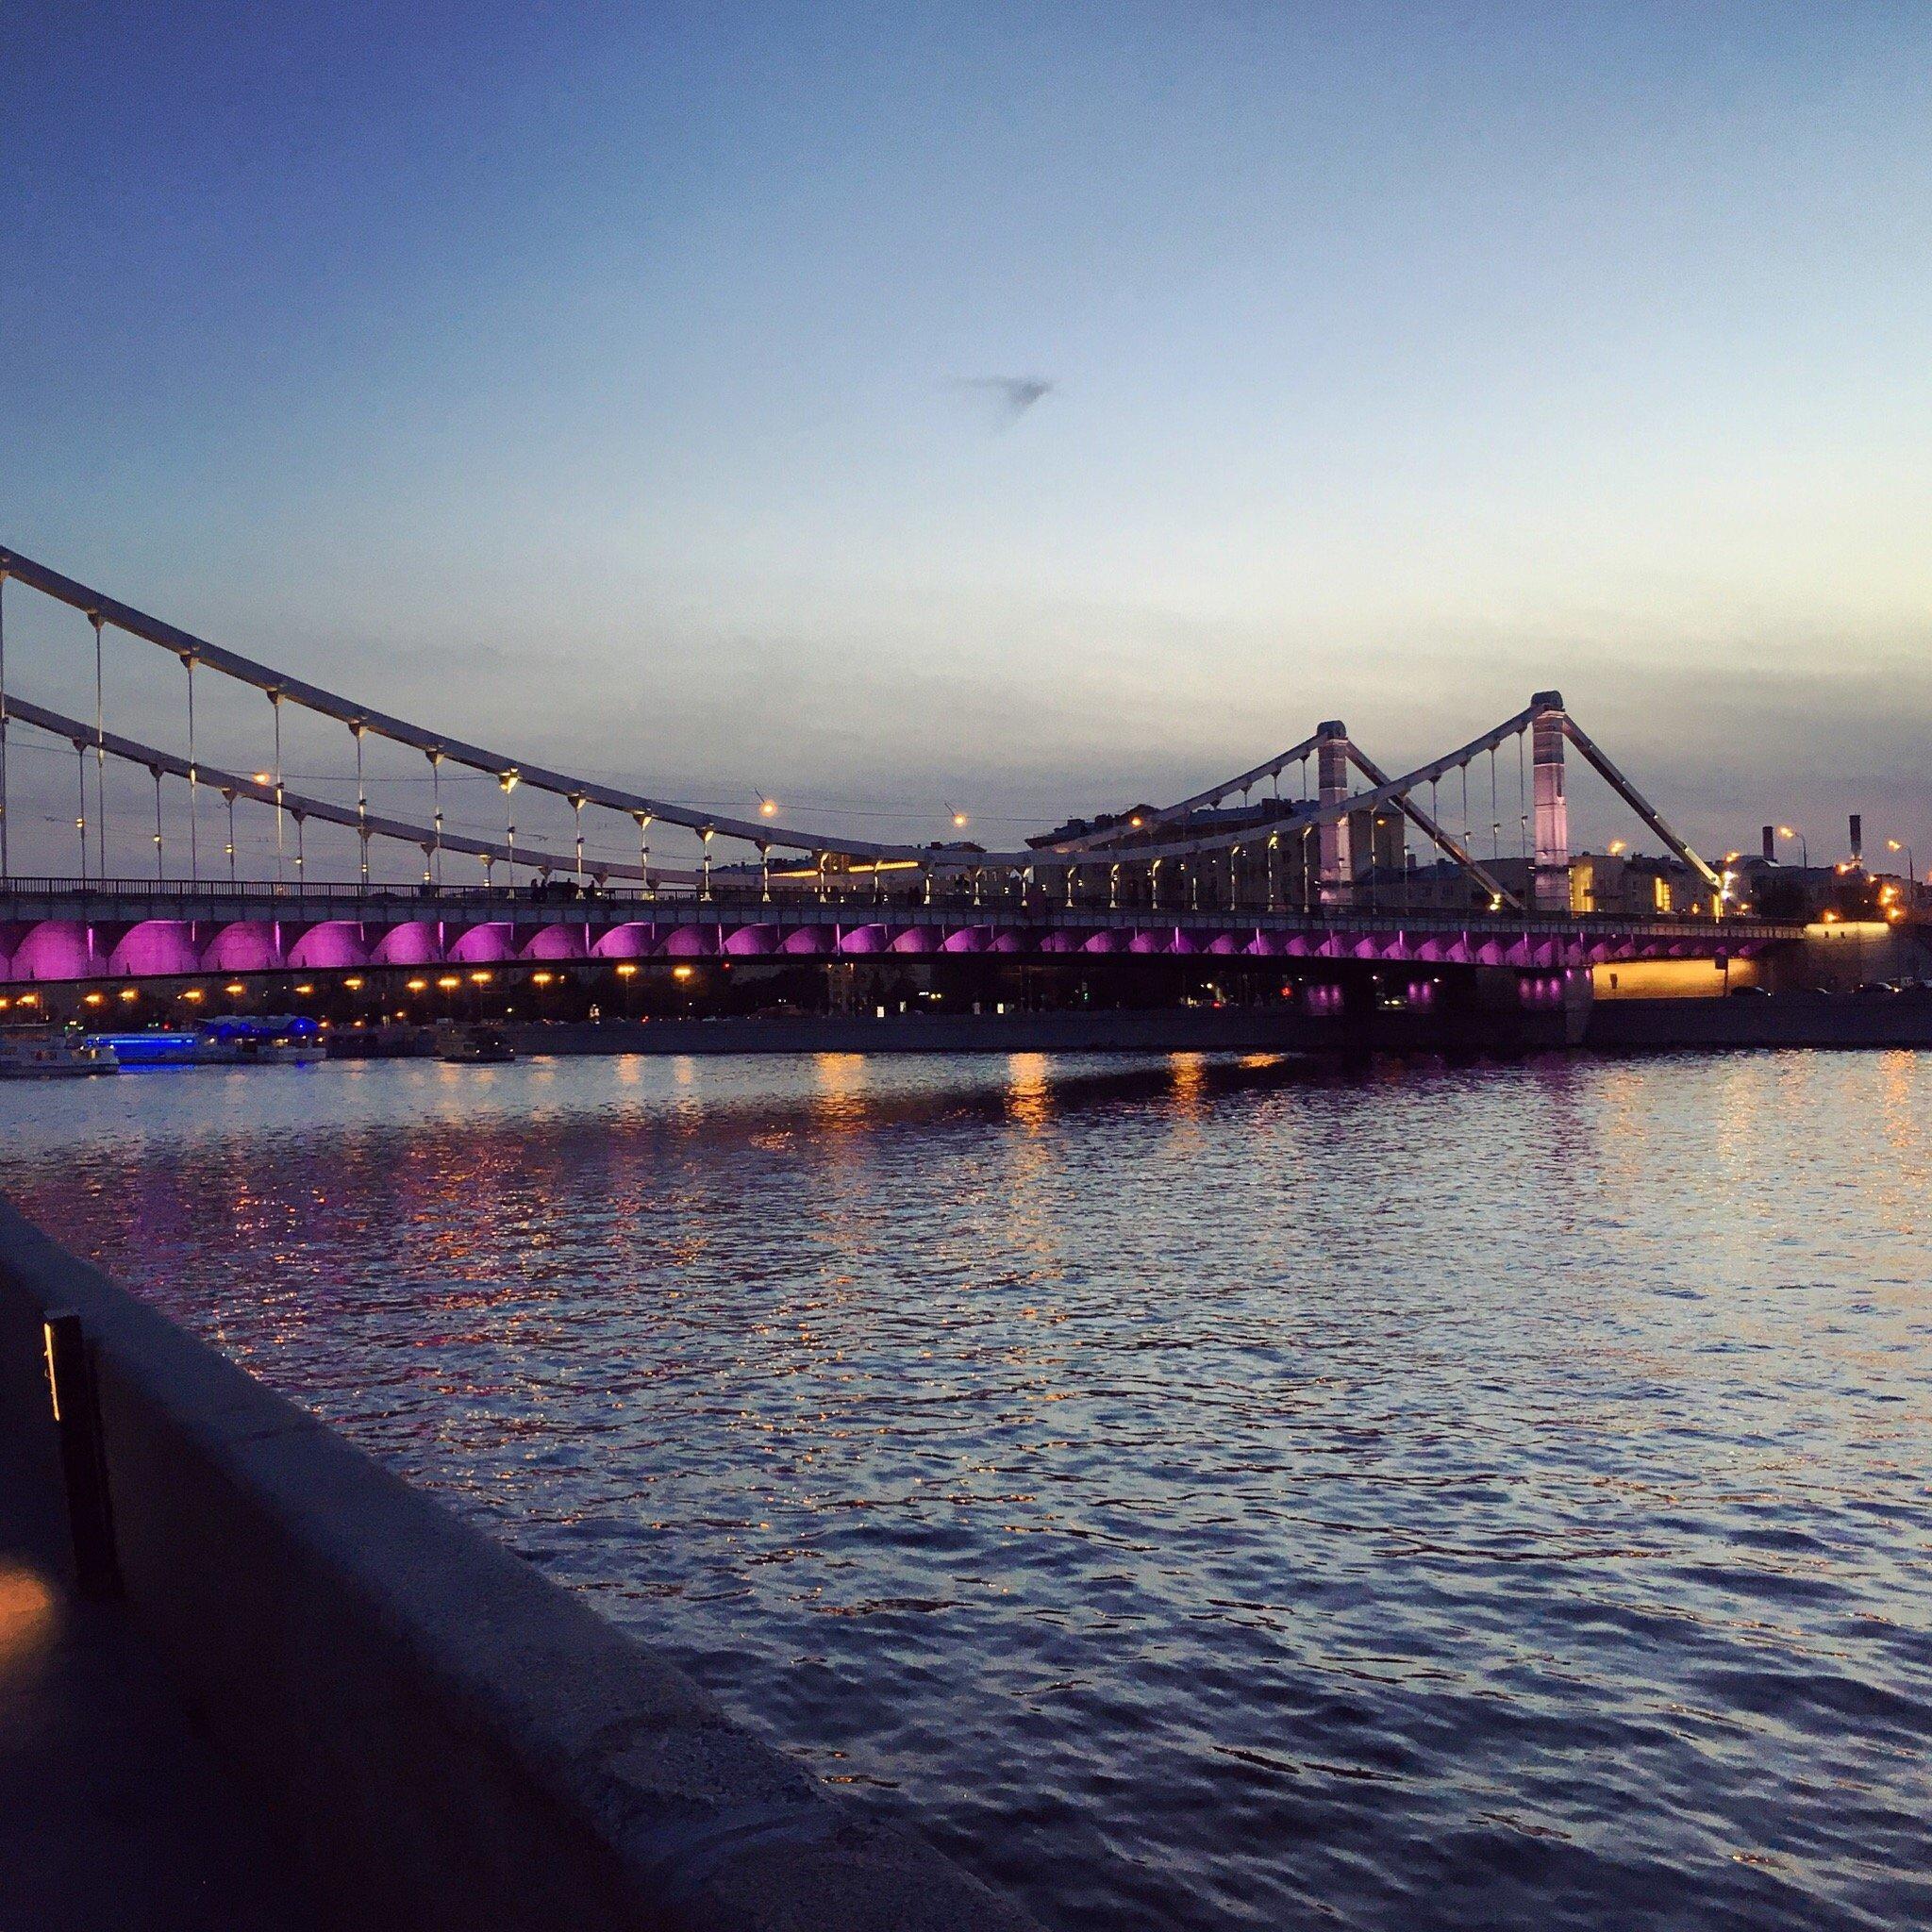 ковш, фото мостов москвы в хорошем качестве этот